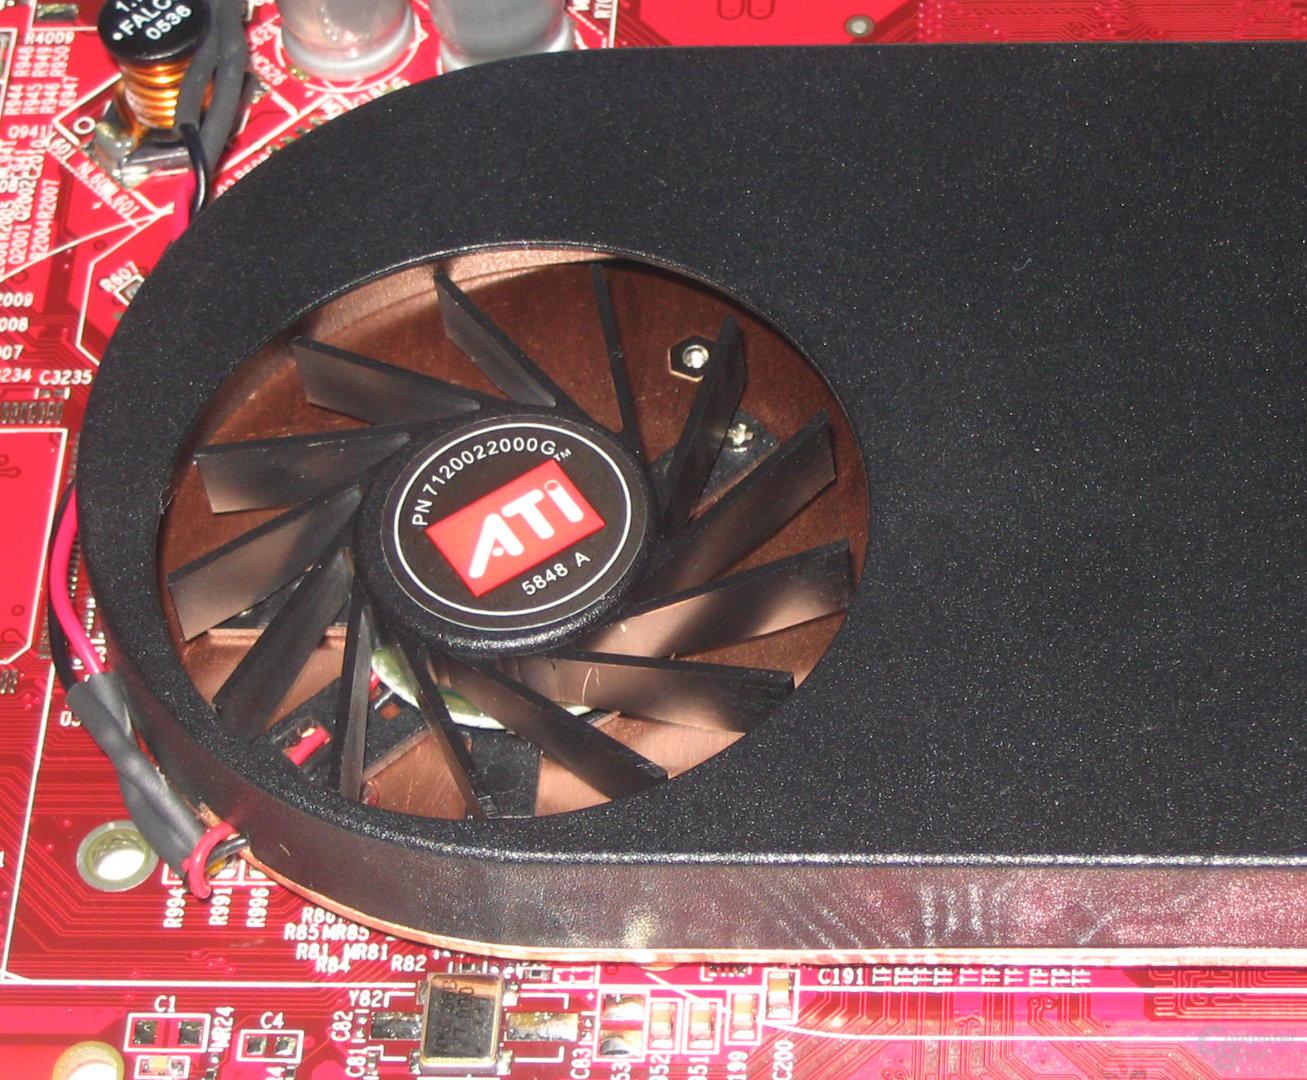 Radeon X1300 Kühler